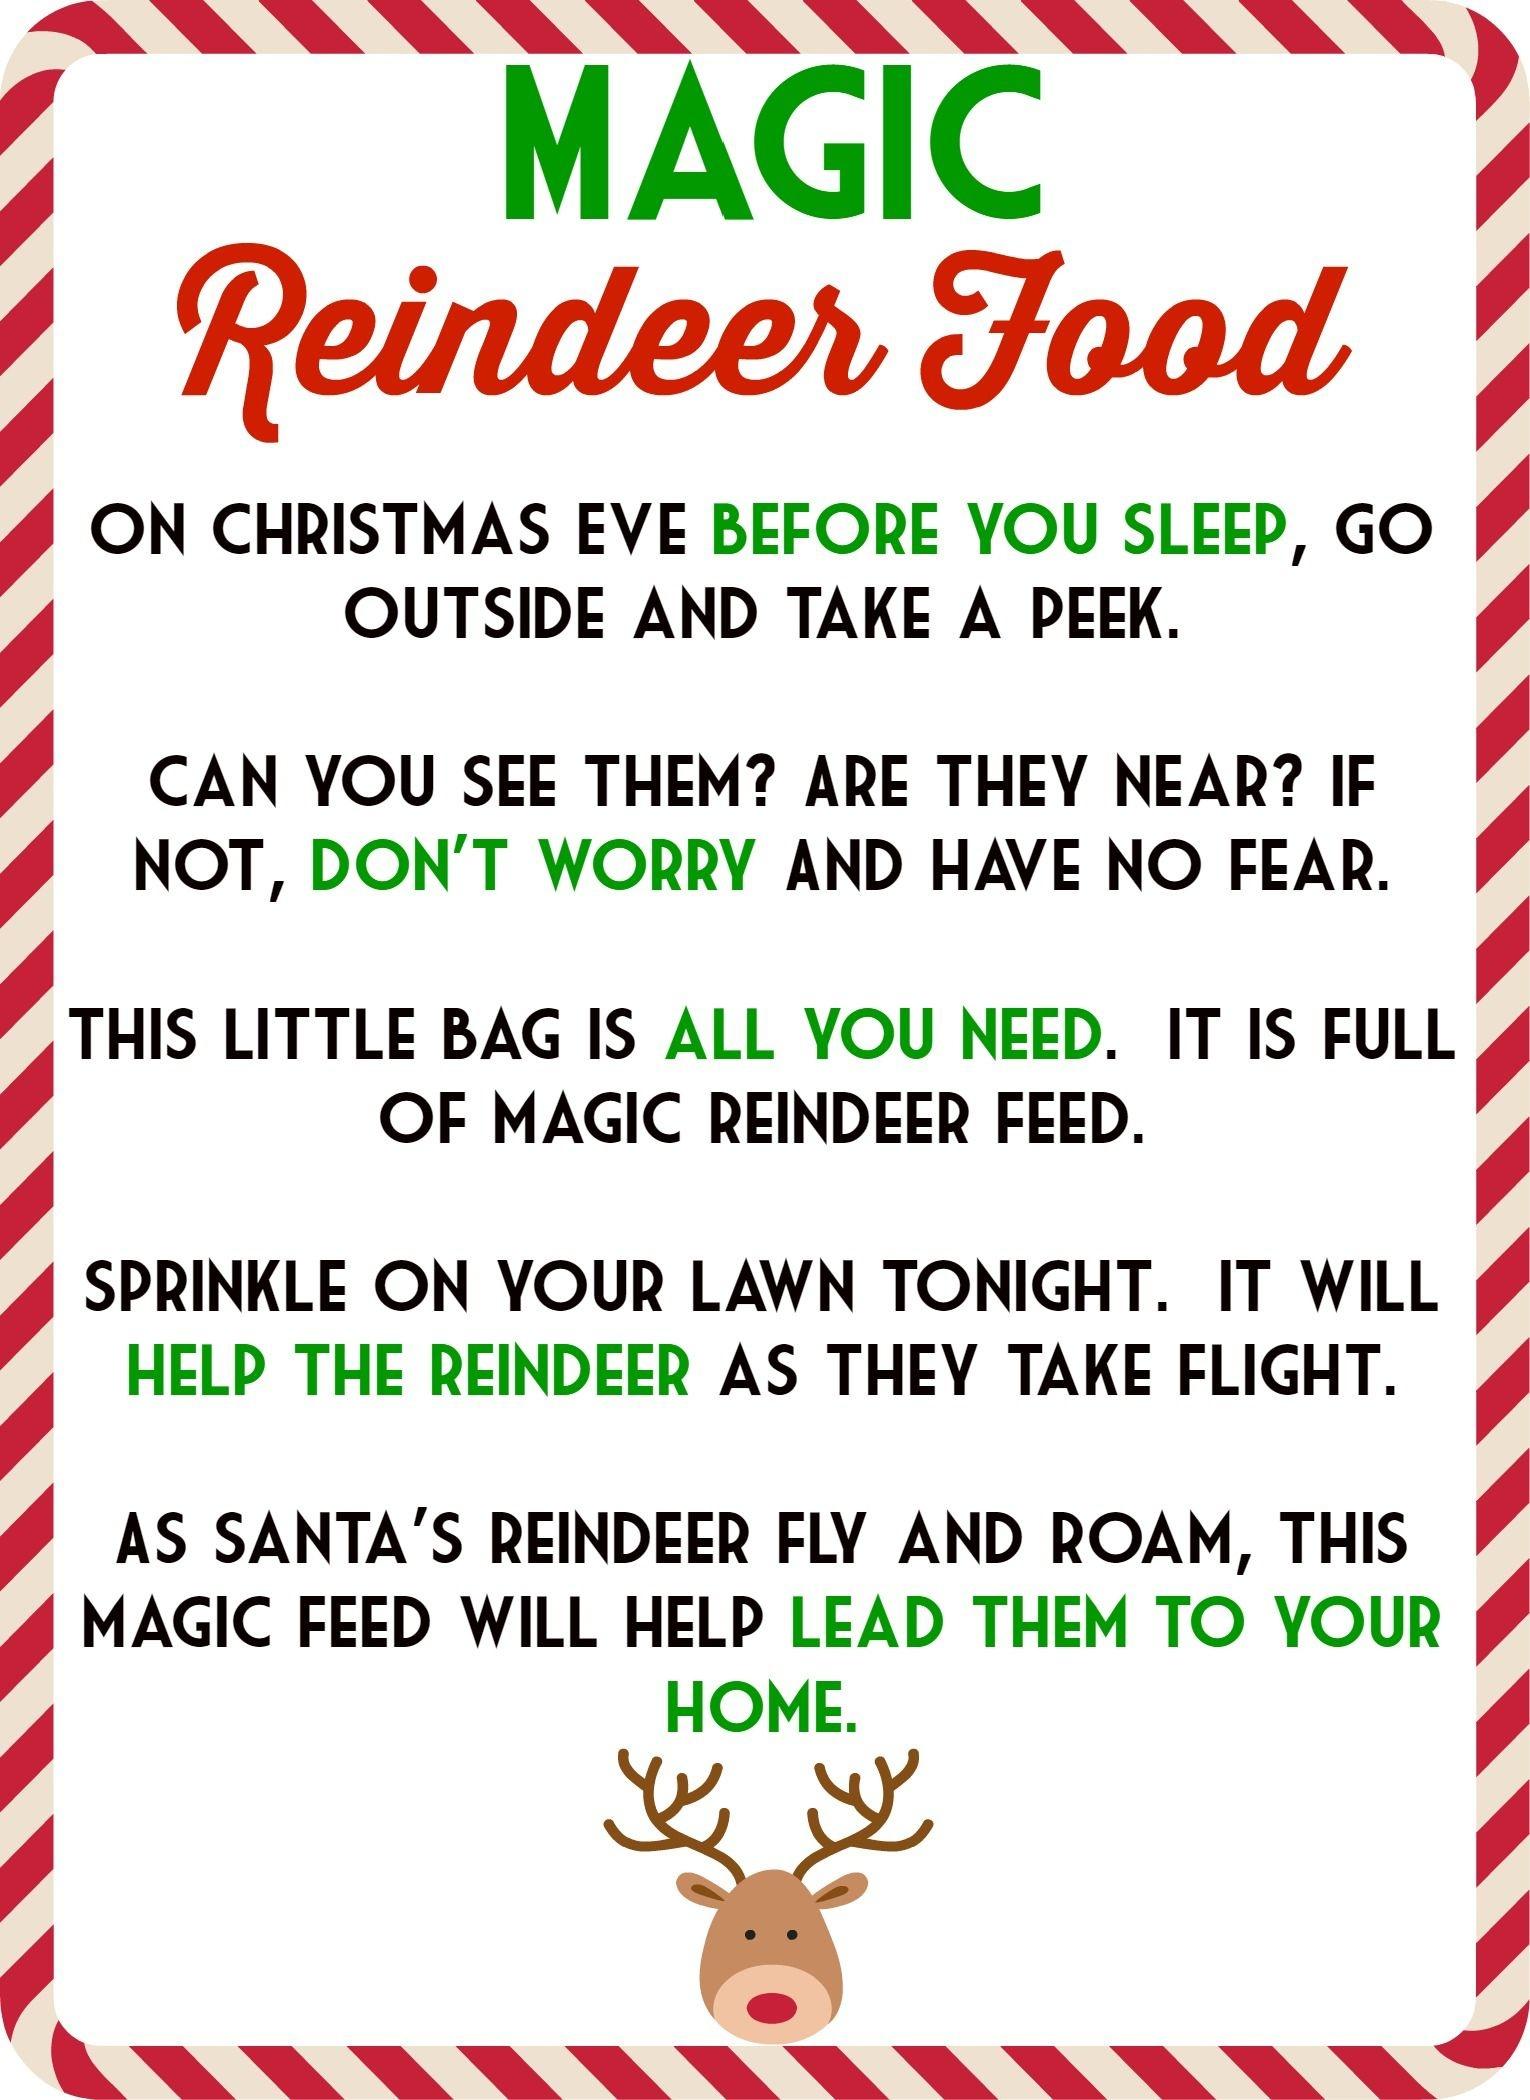 Food Recipes On | Kids | Magic Reindeer Food, Reindeer Food - Free Printable Reindeer Dust Poem